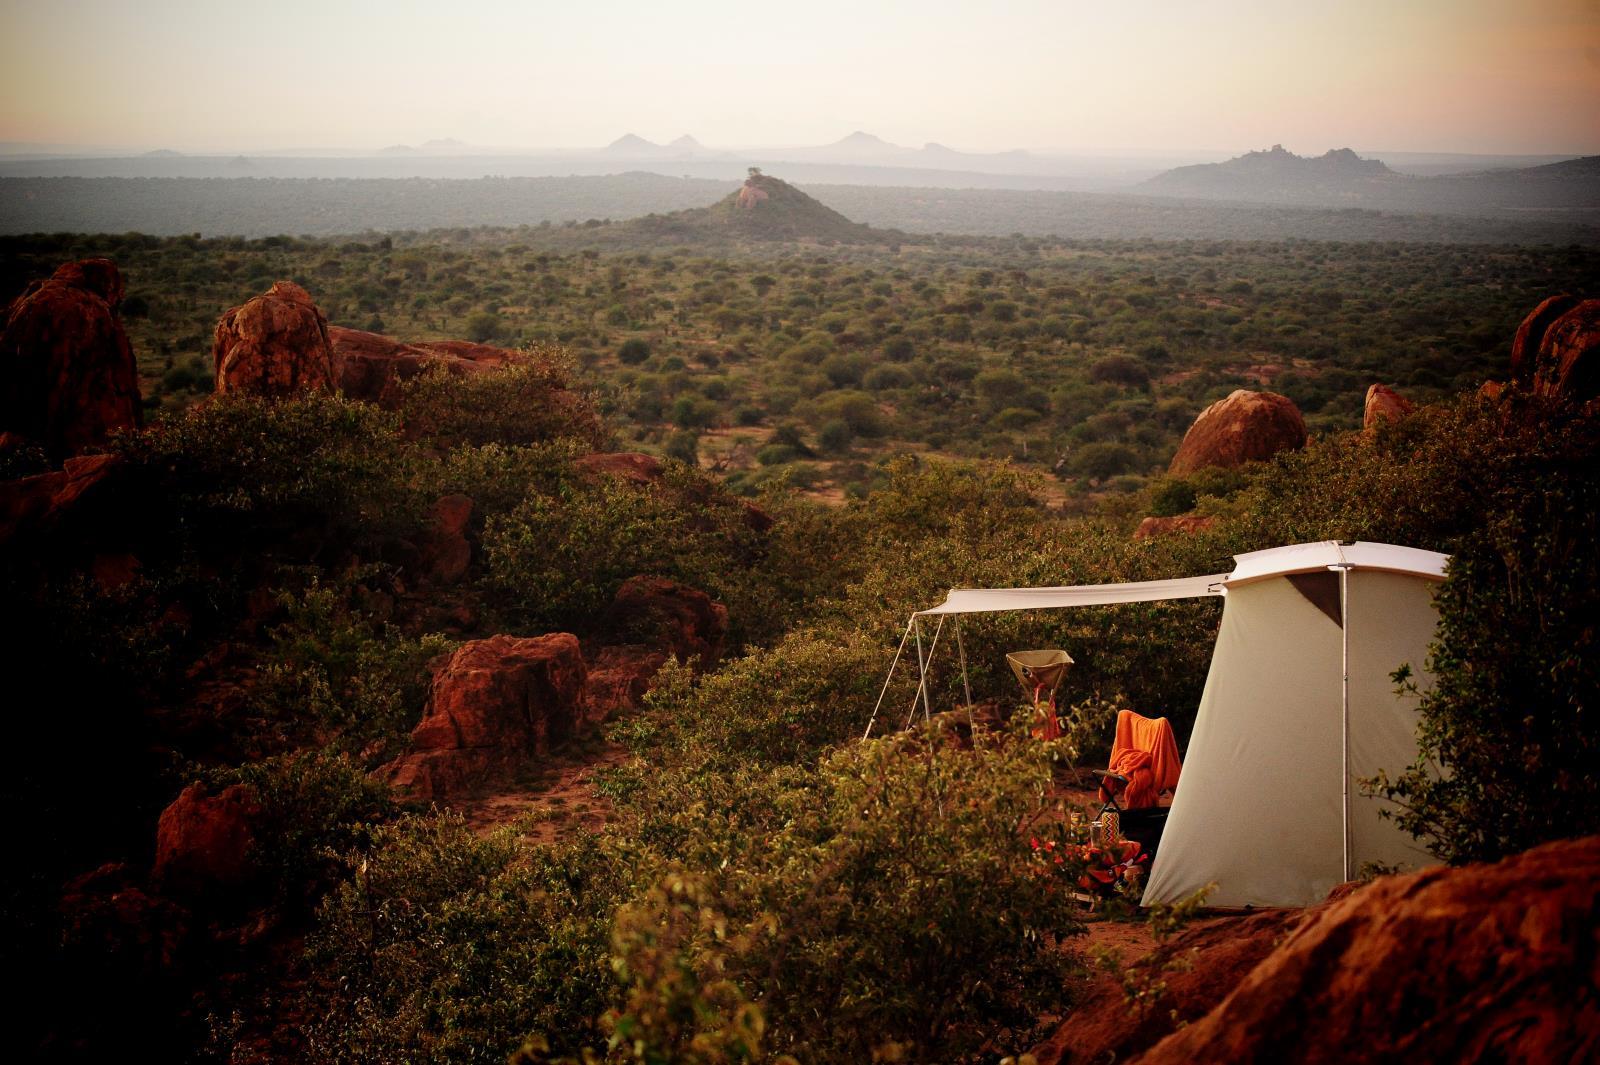 Safari and Bush Camping in Laikipia, Kenya